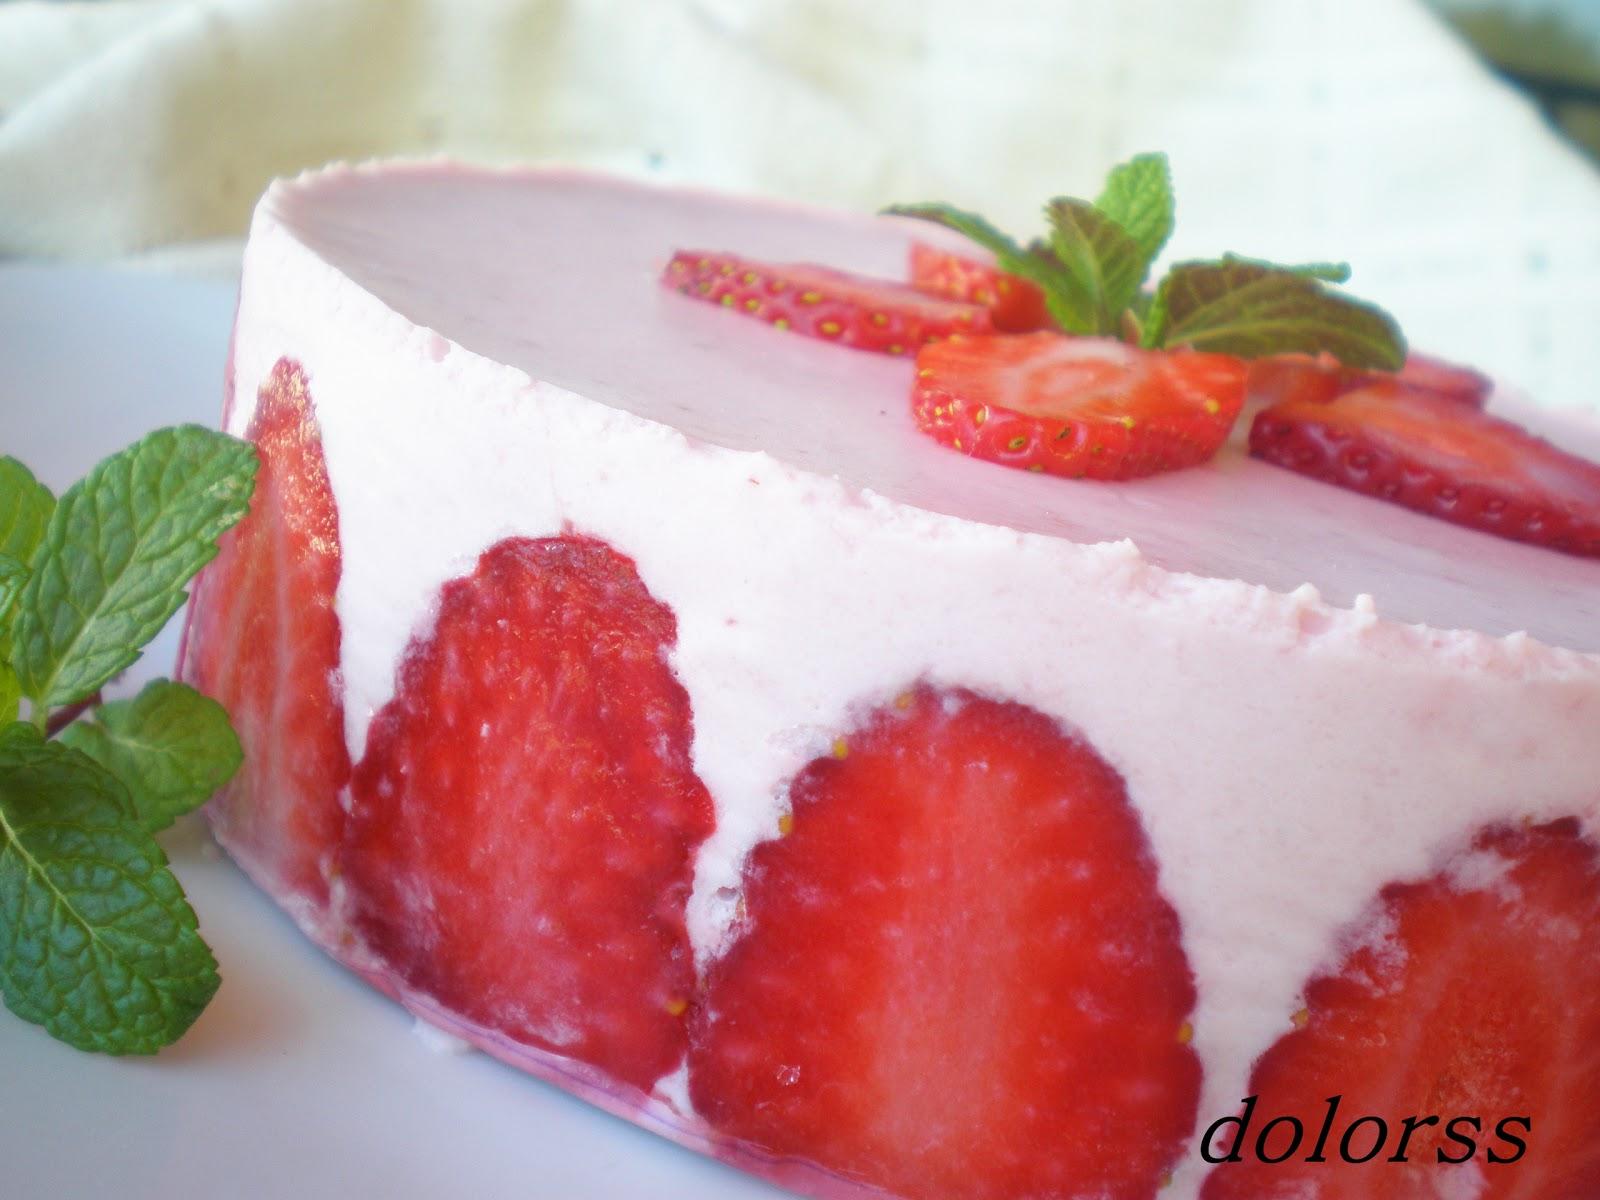 Semifrío de fresas con nata  8b75ac4aed3